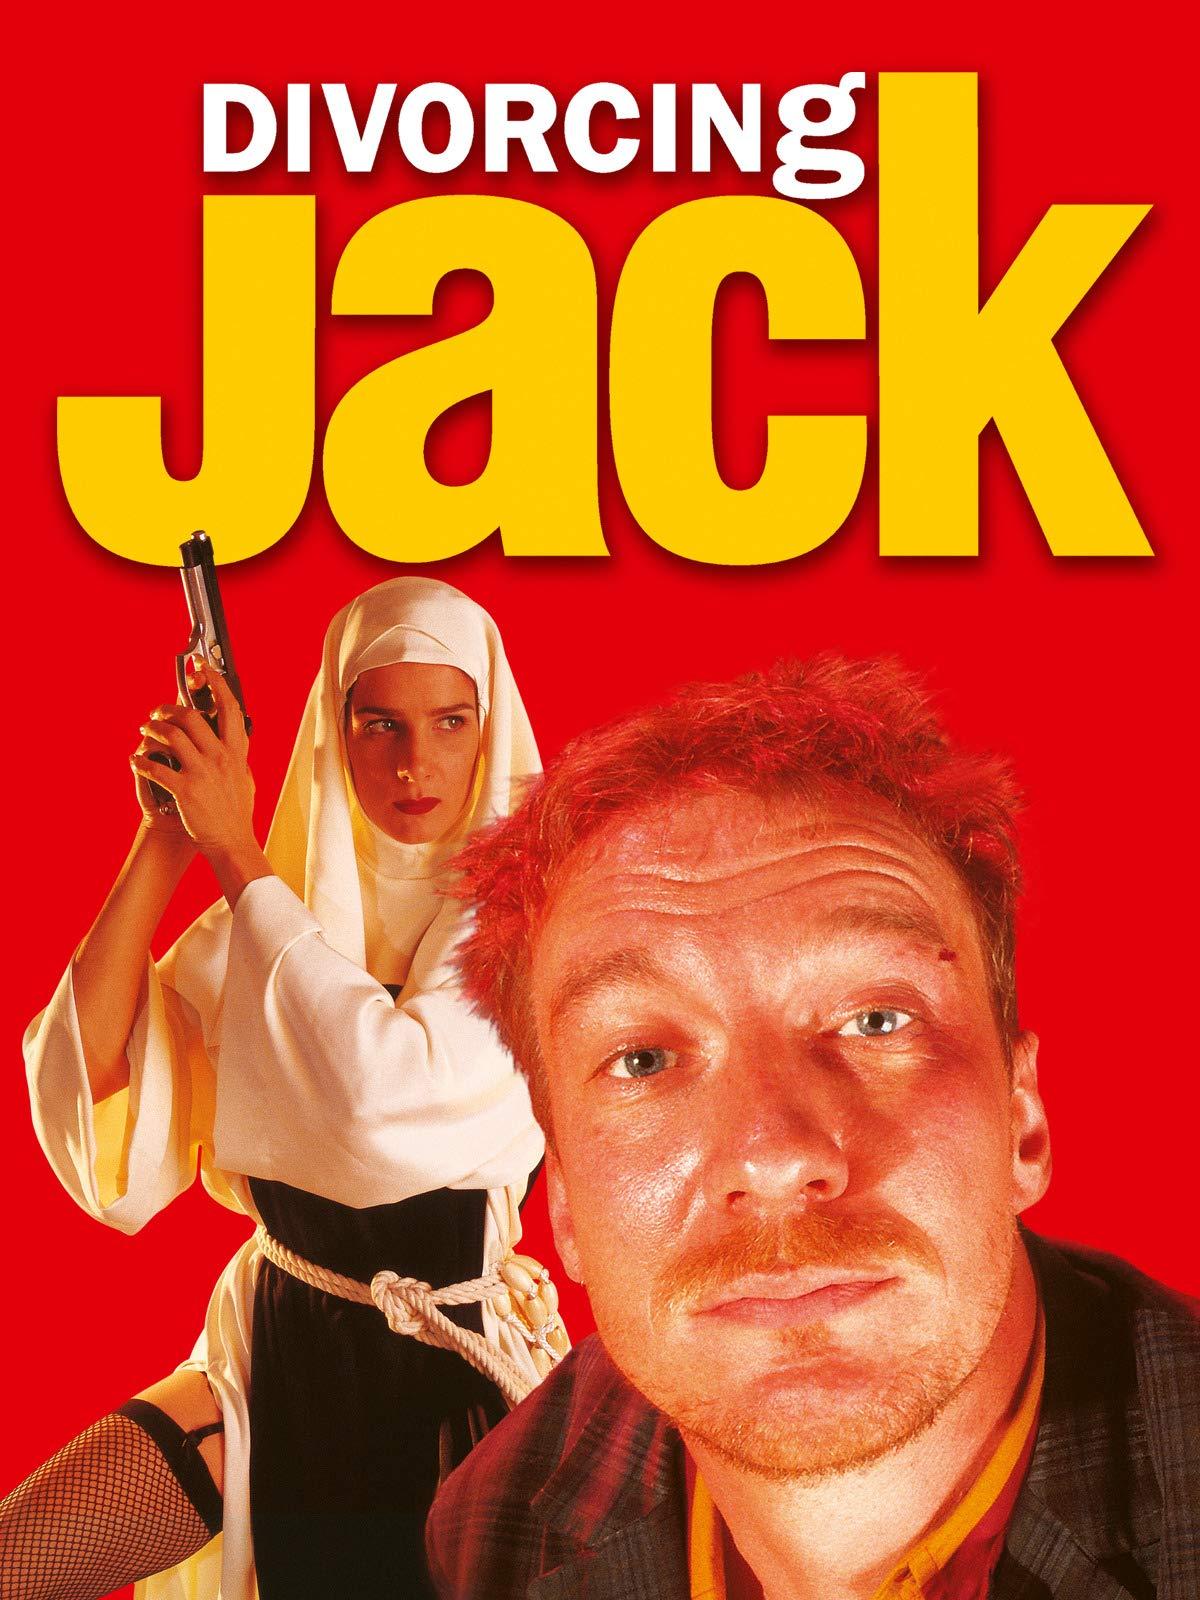 Divorcing Jack